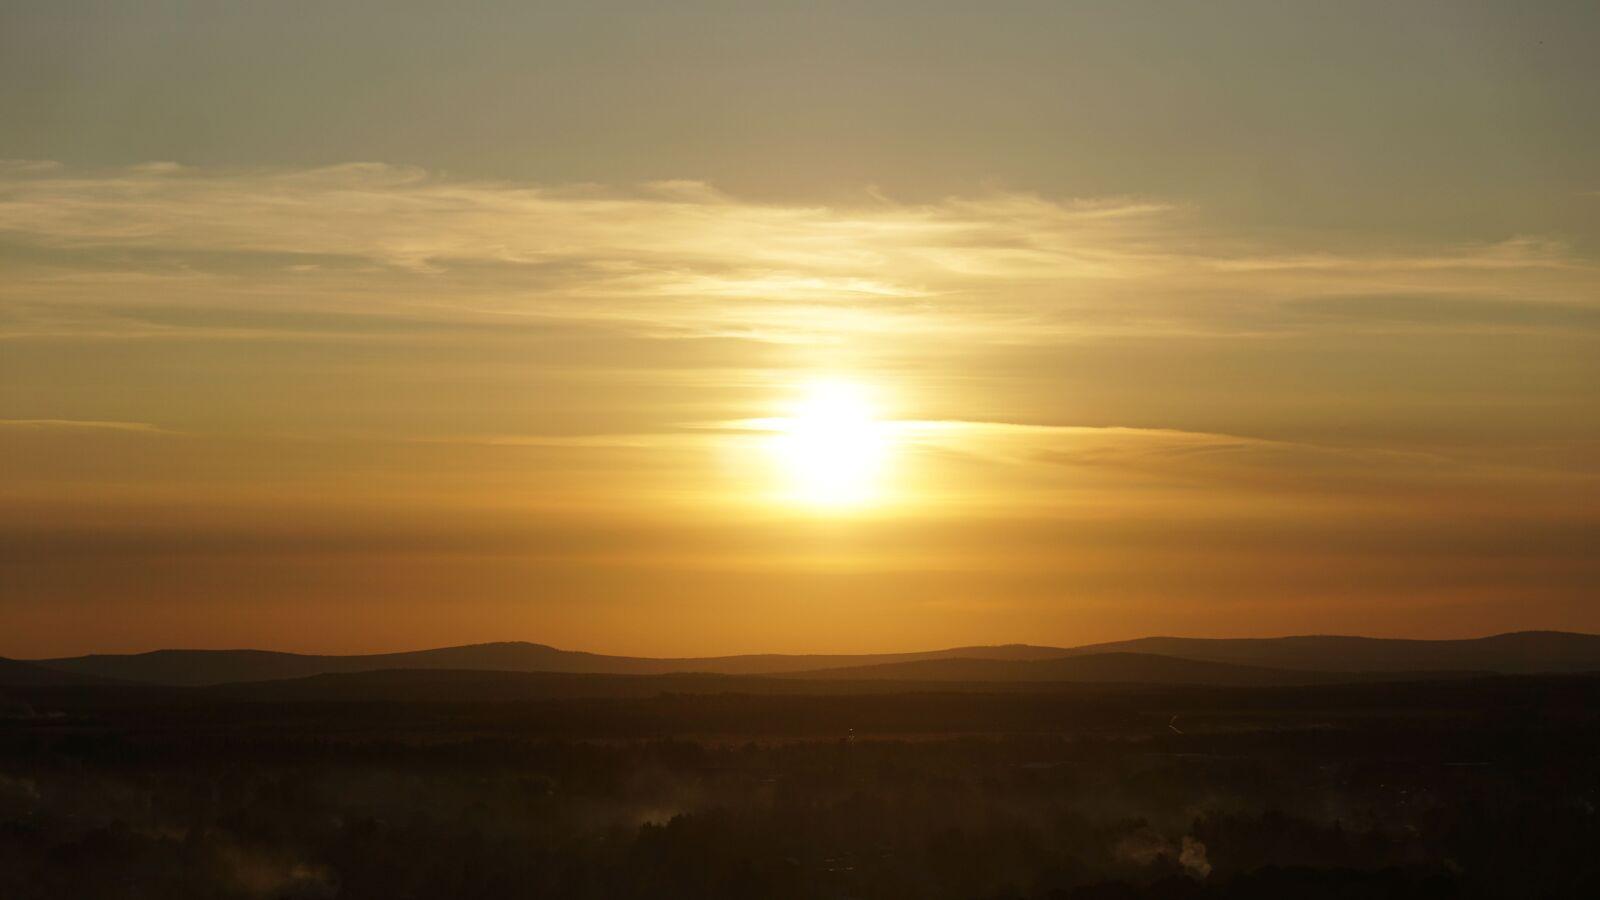 """Sony a6000 sample photo. """"Sunset, sun, sky"""" photography"""